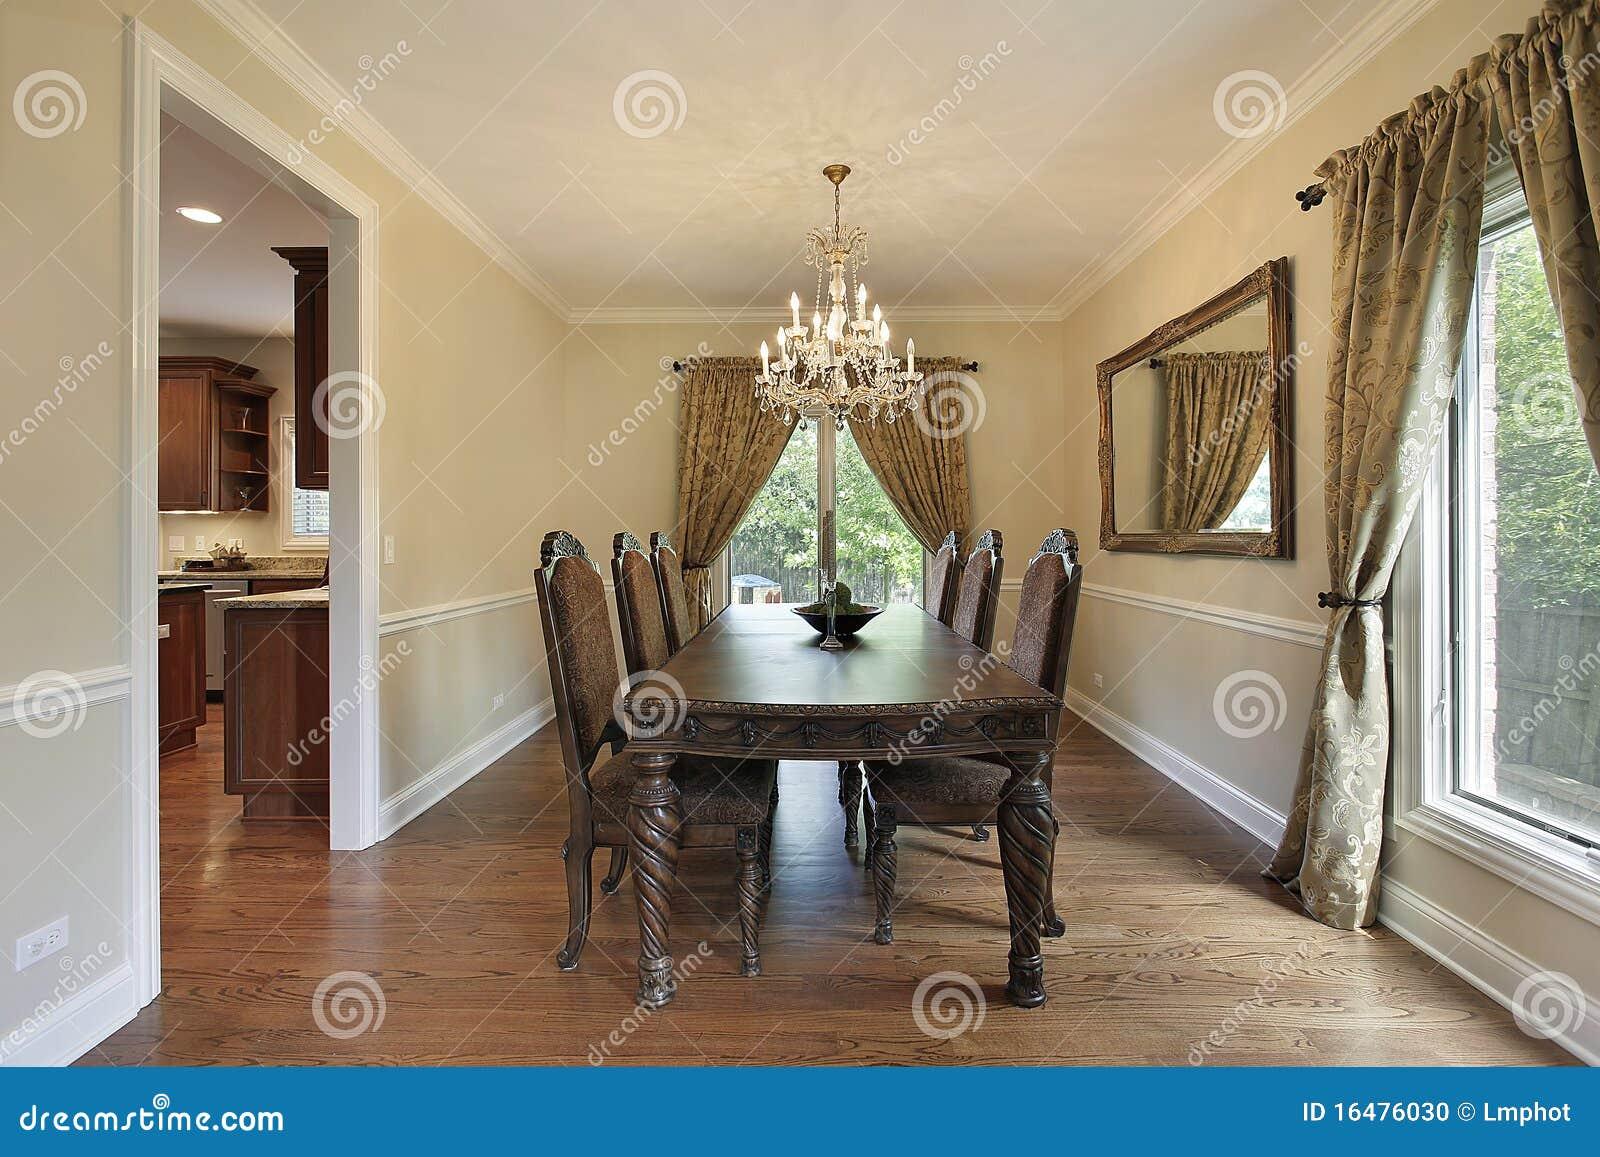 Salle manger avec des rideaux d 39 or photo stock image 16476030 - Rideaux de salle a manger ...